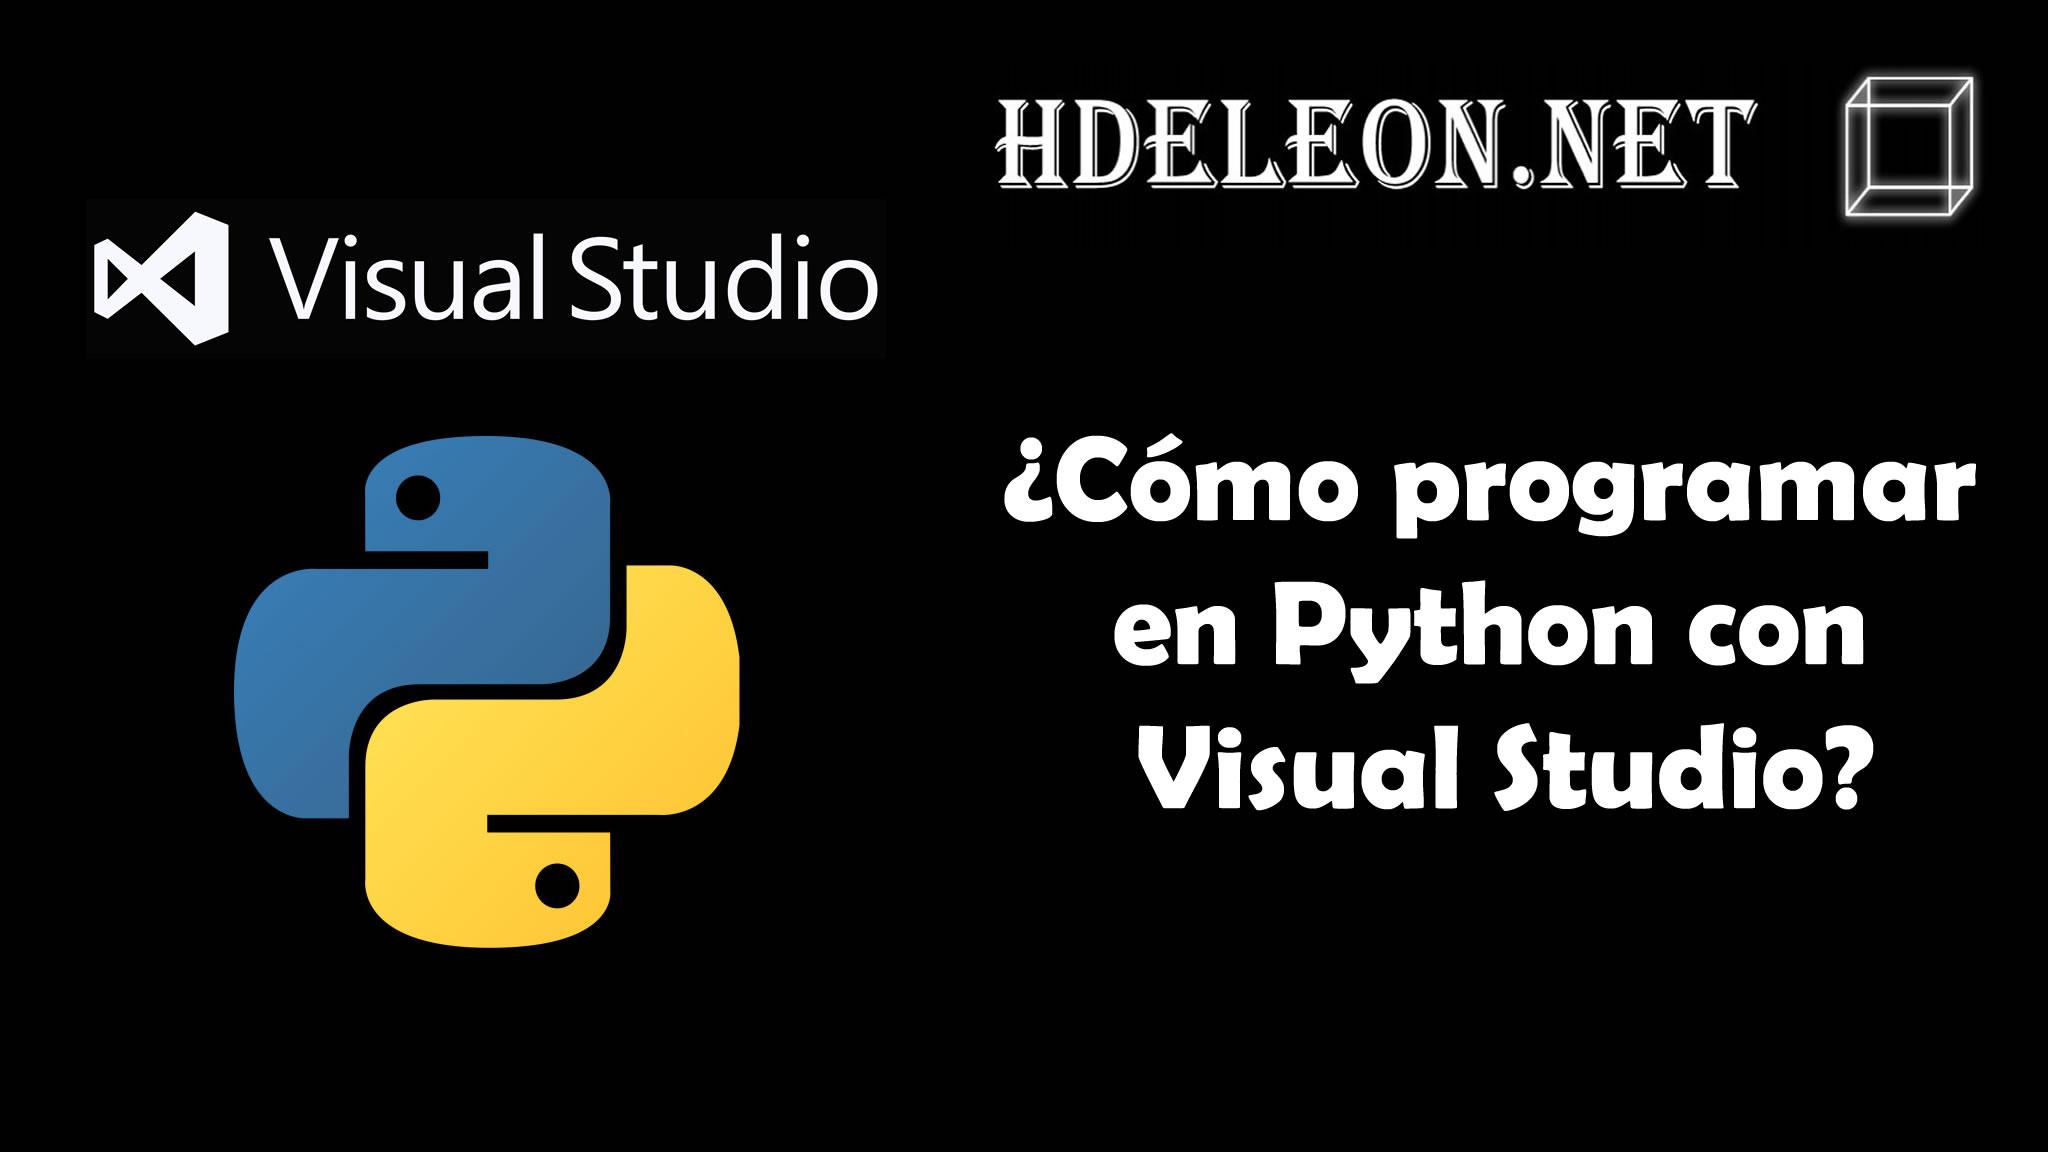 ¿Cómo programar en Python con Visual Studio?, Instalación de herramientas